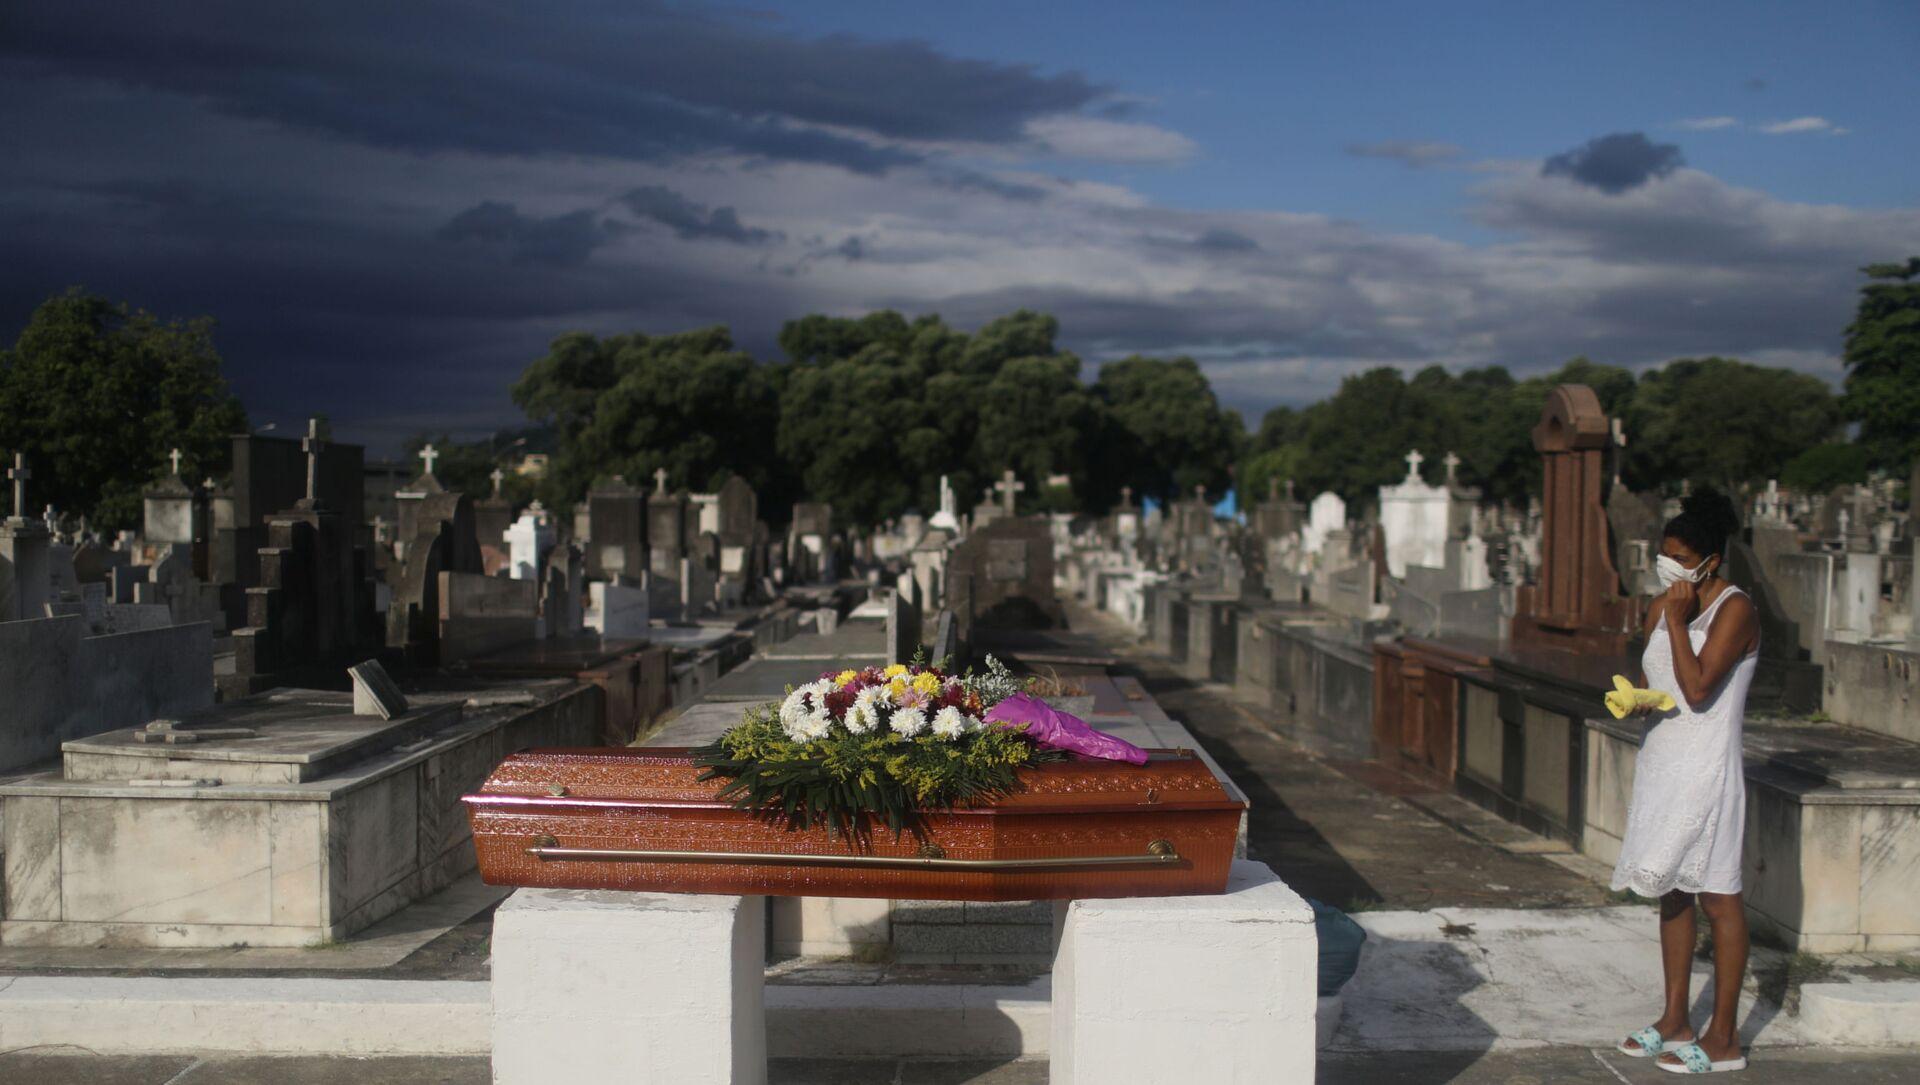 Cimitero in Brasile, funerale di una vittima del Covid-19 - Sputnik Italia, 1920, 07.04.2021